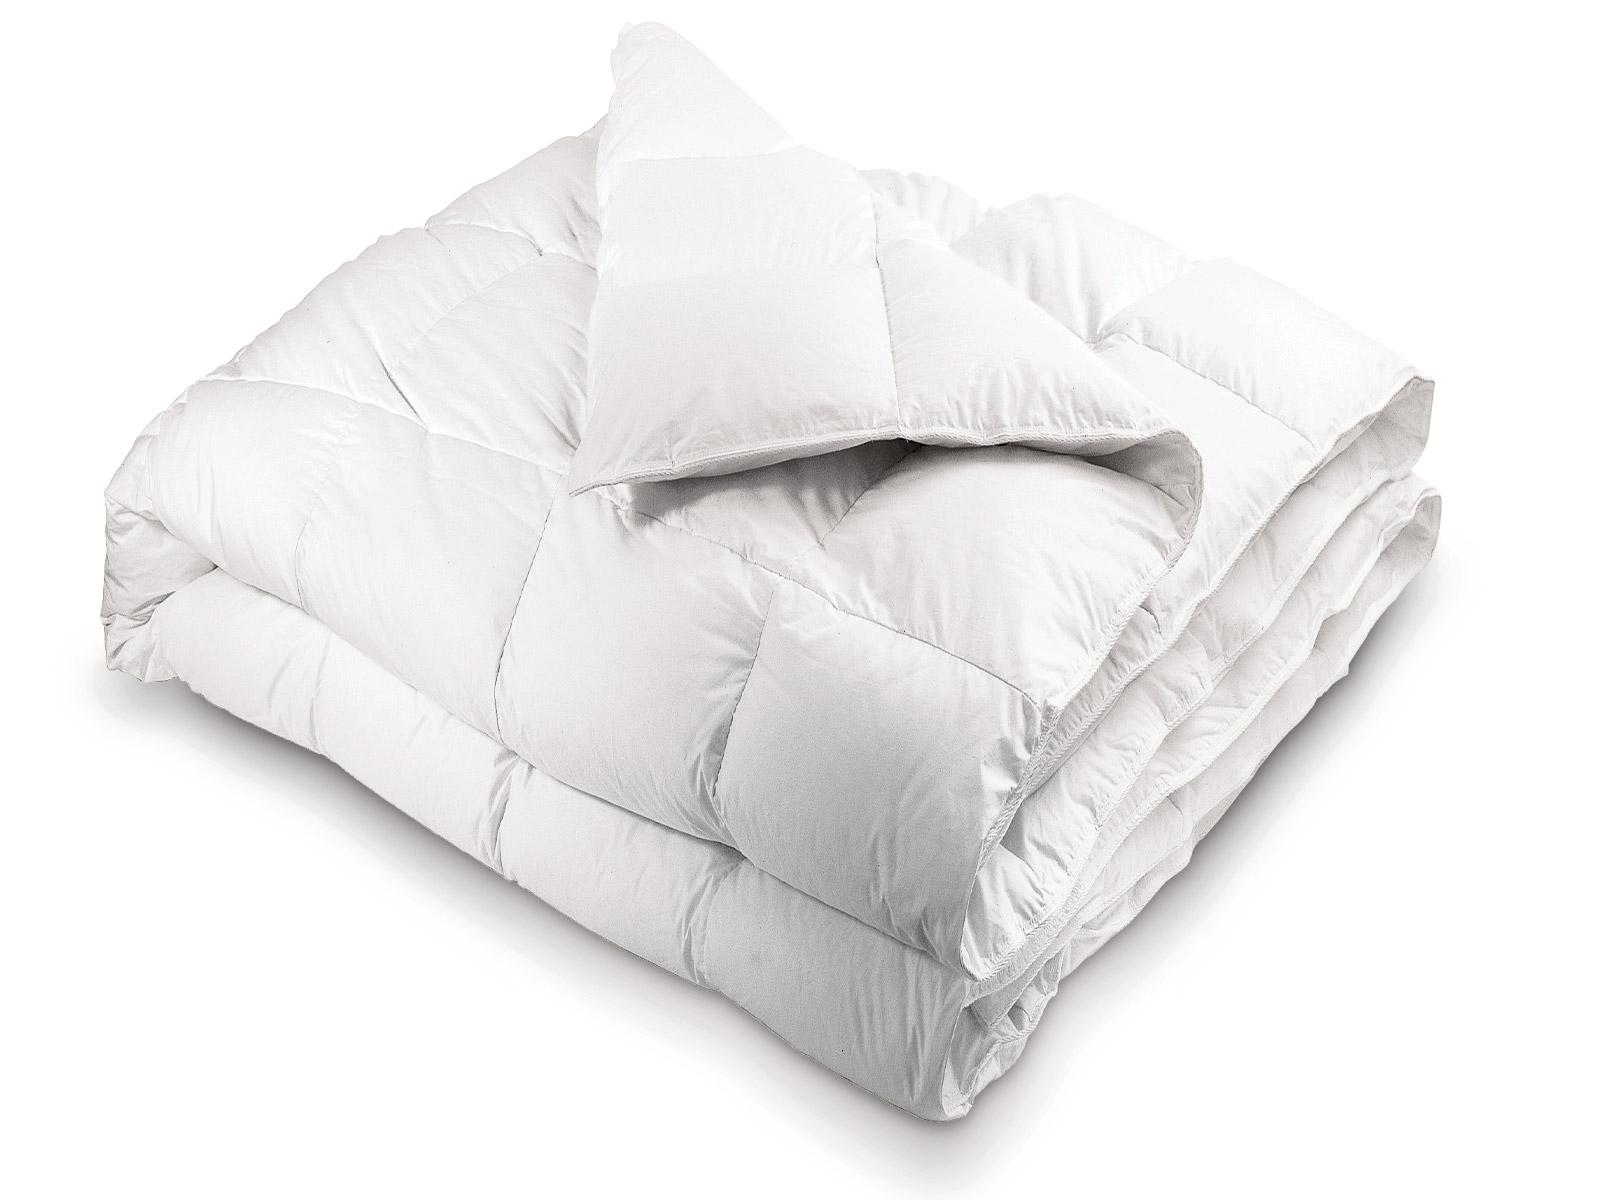 Calla Lily Down Comforters Luxury Comforters Luxury Bedding Italian Bed Linens Schweitzer Linen